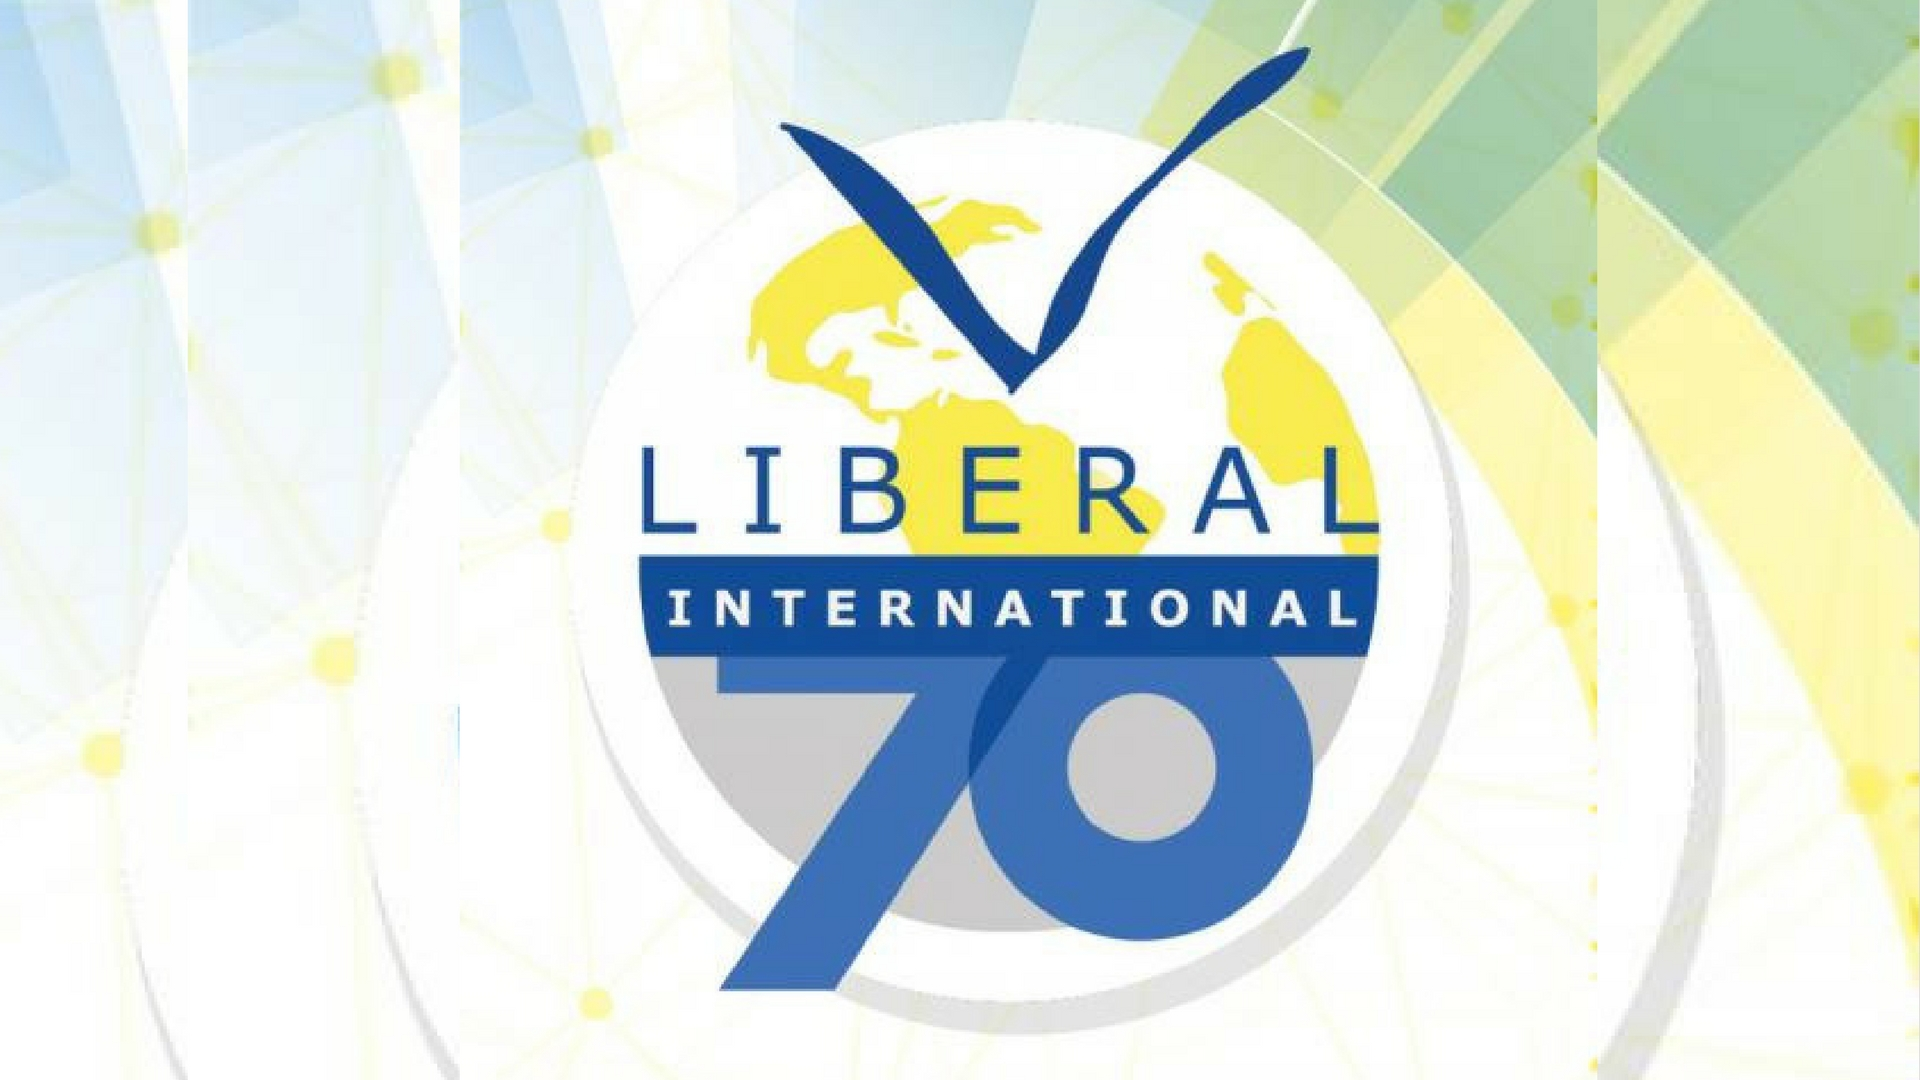 Liberal International, la Fondazione Einaudi presente al Congresso per il 70esimo anniversario